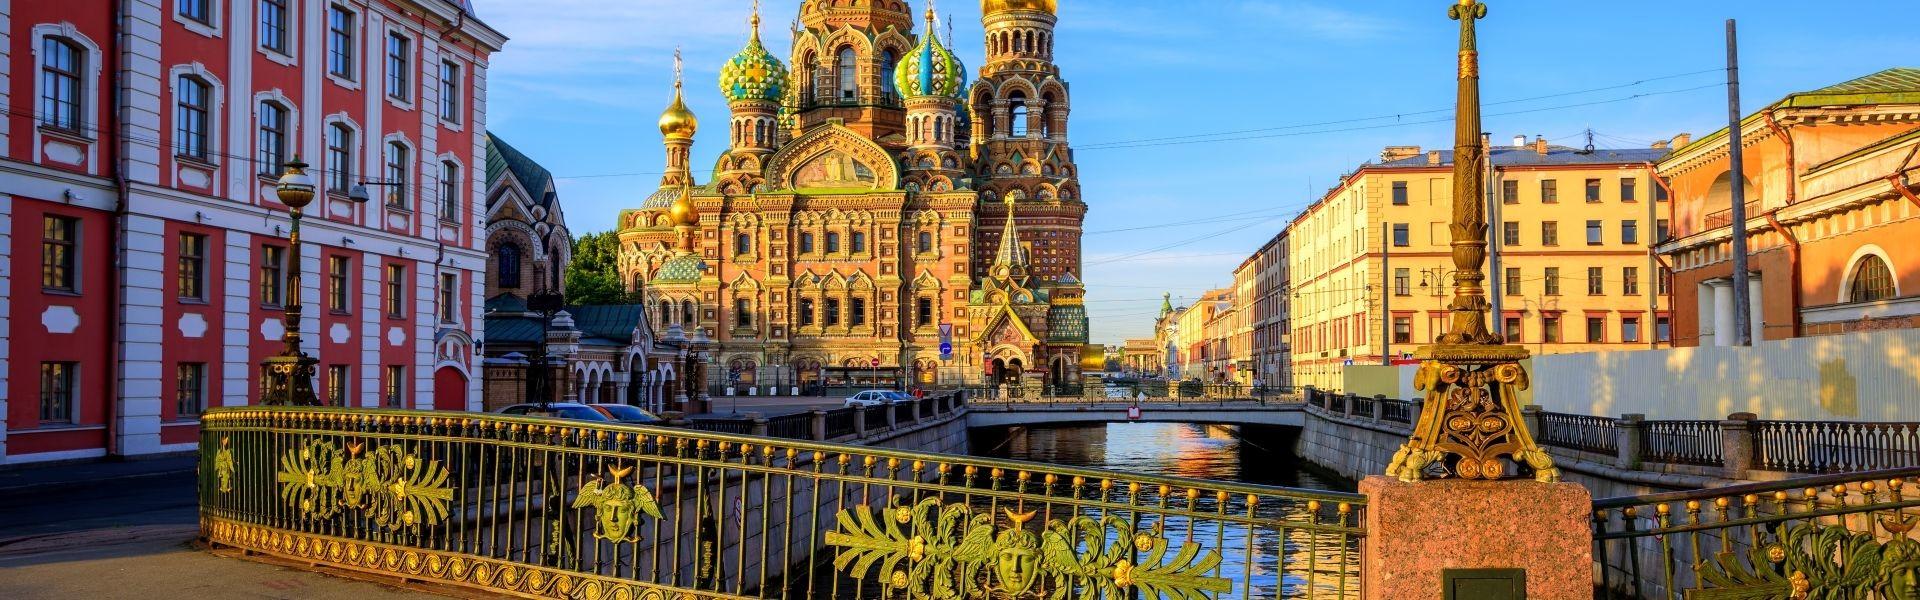 تور سن پترزبورگ + مسکو 14 تیر 98